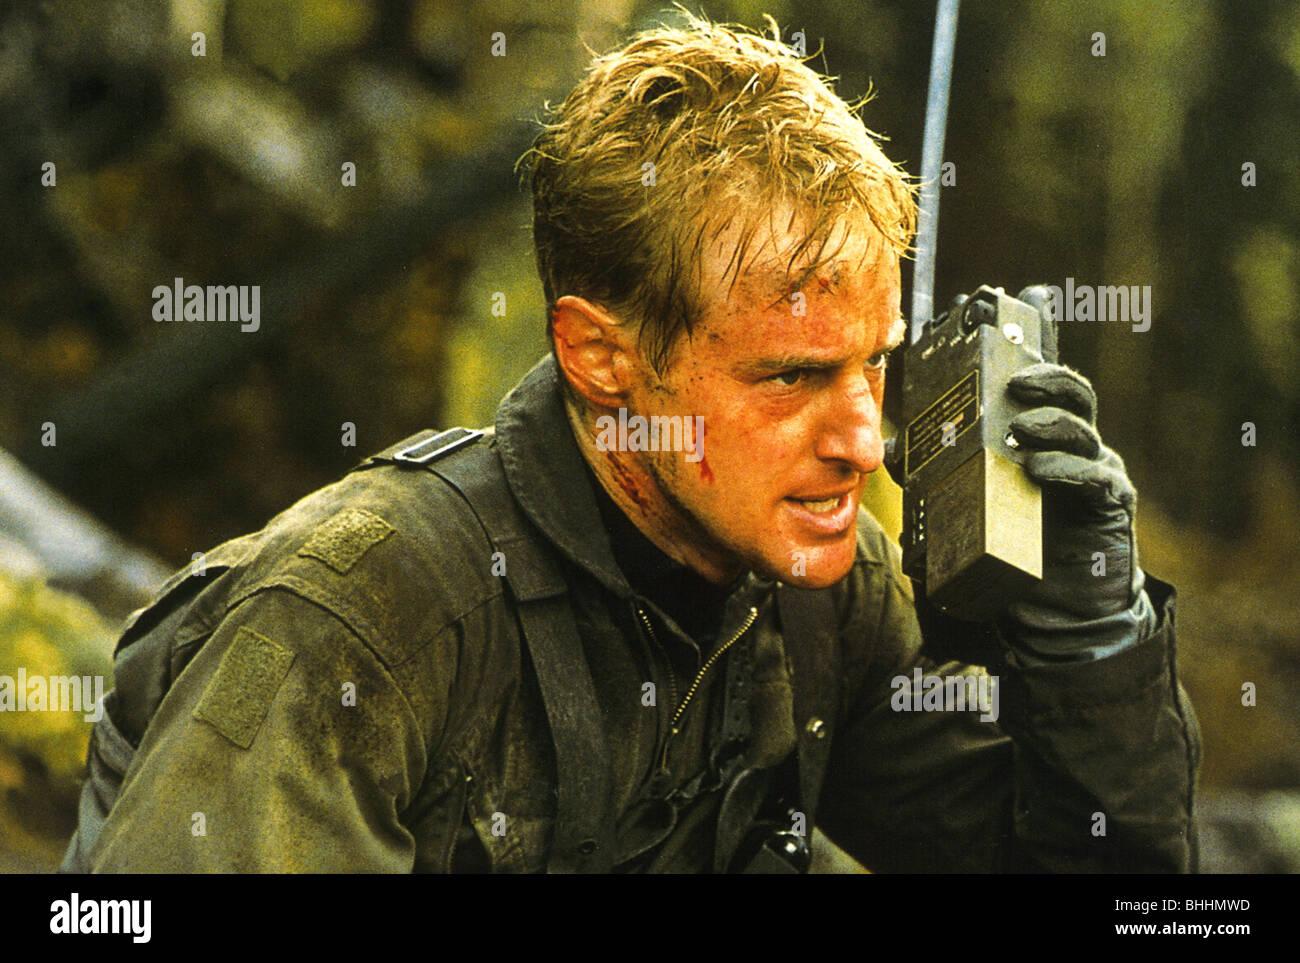 Hinter Den Feindlichen Linien 2001 Tcf Film Mit Owen Wilson